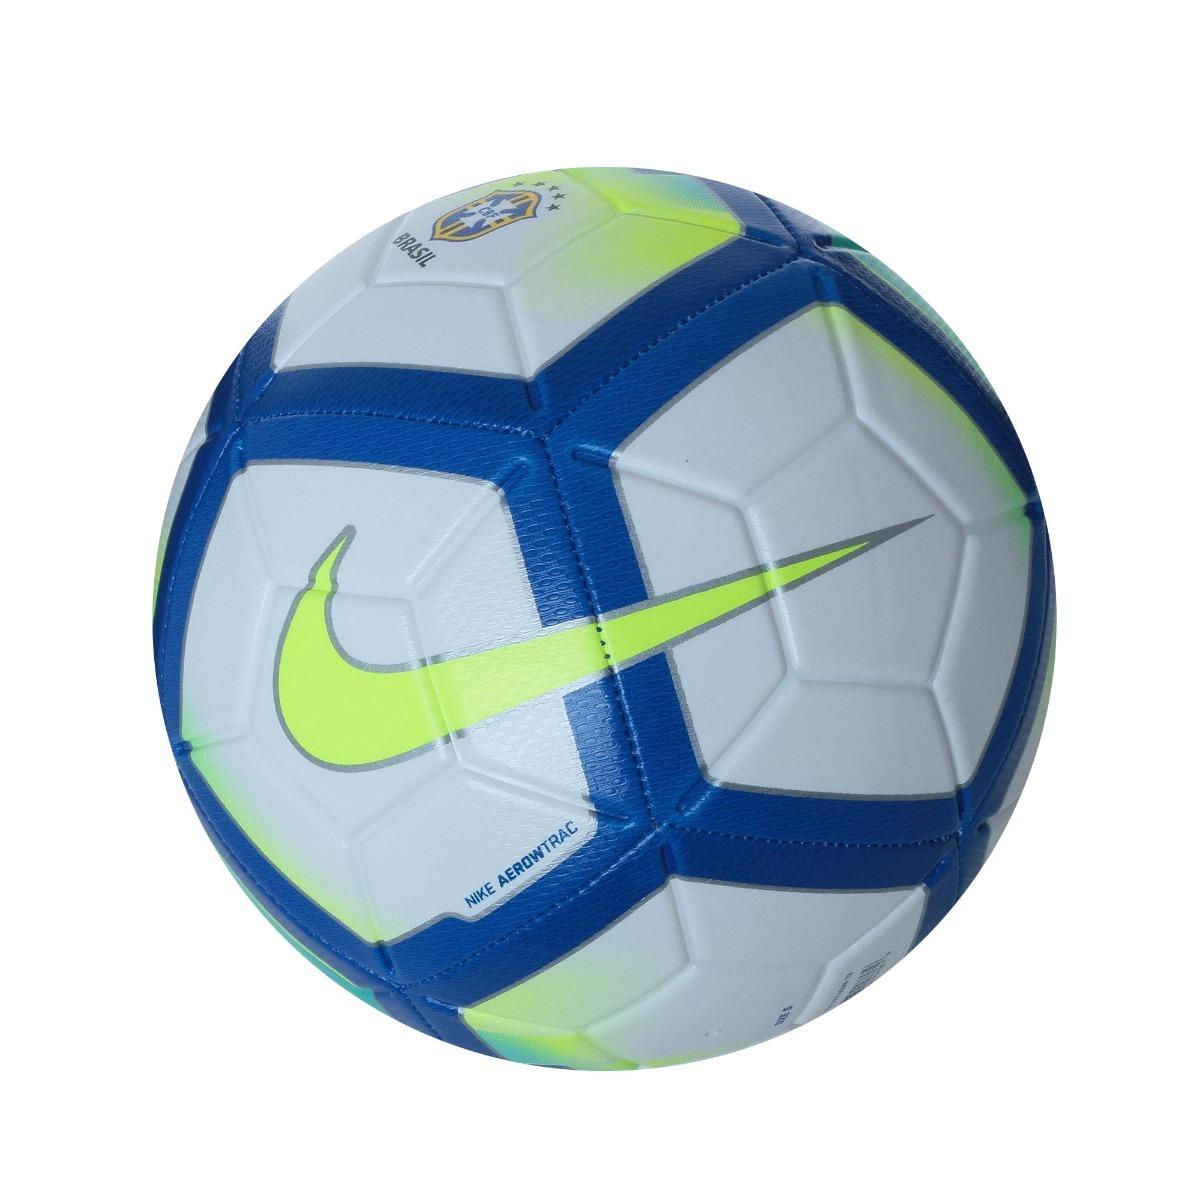 bola futebol campo nike strike cbf brasileirão original 2018. Carregando  zoom. 87b94b036f8d7